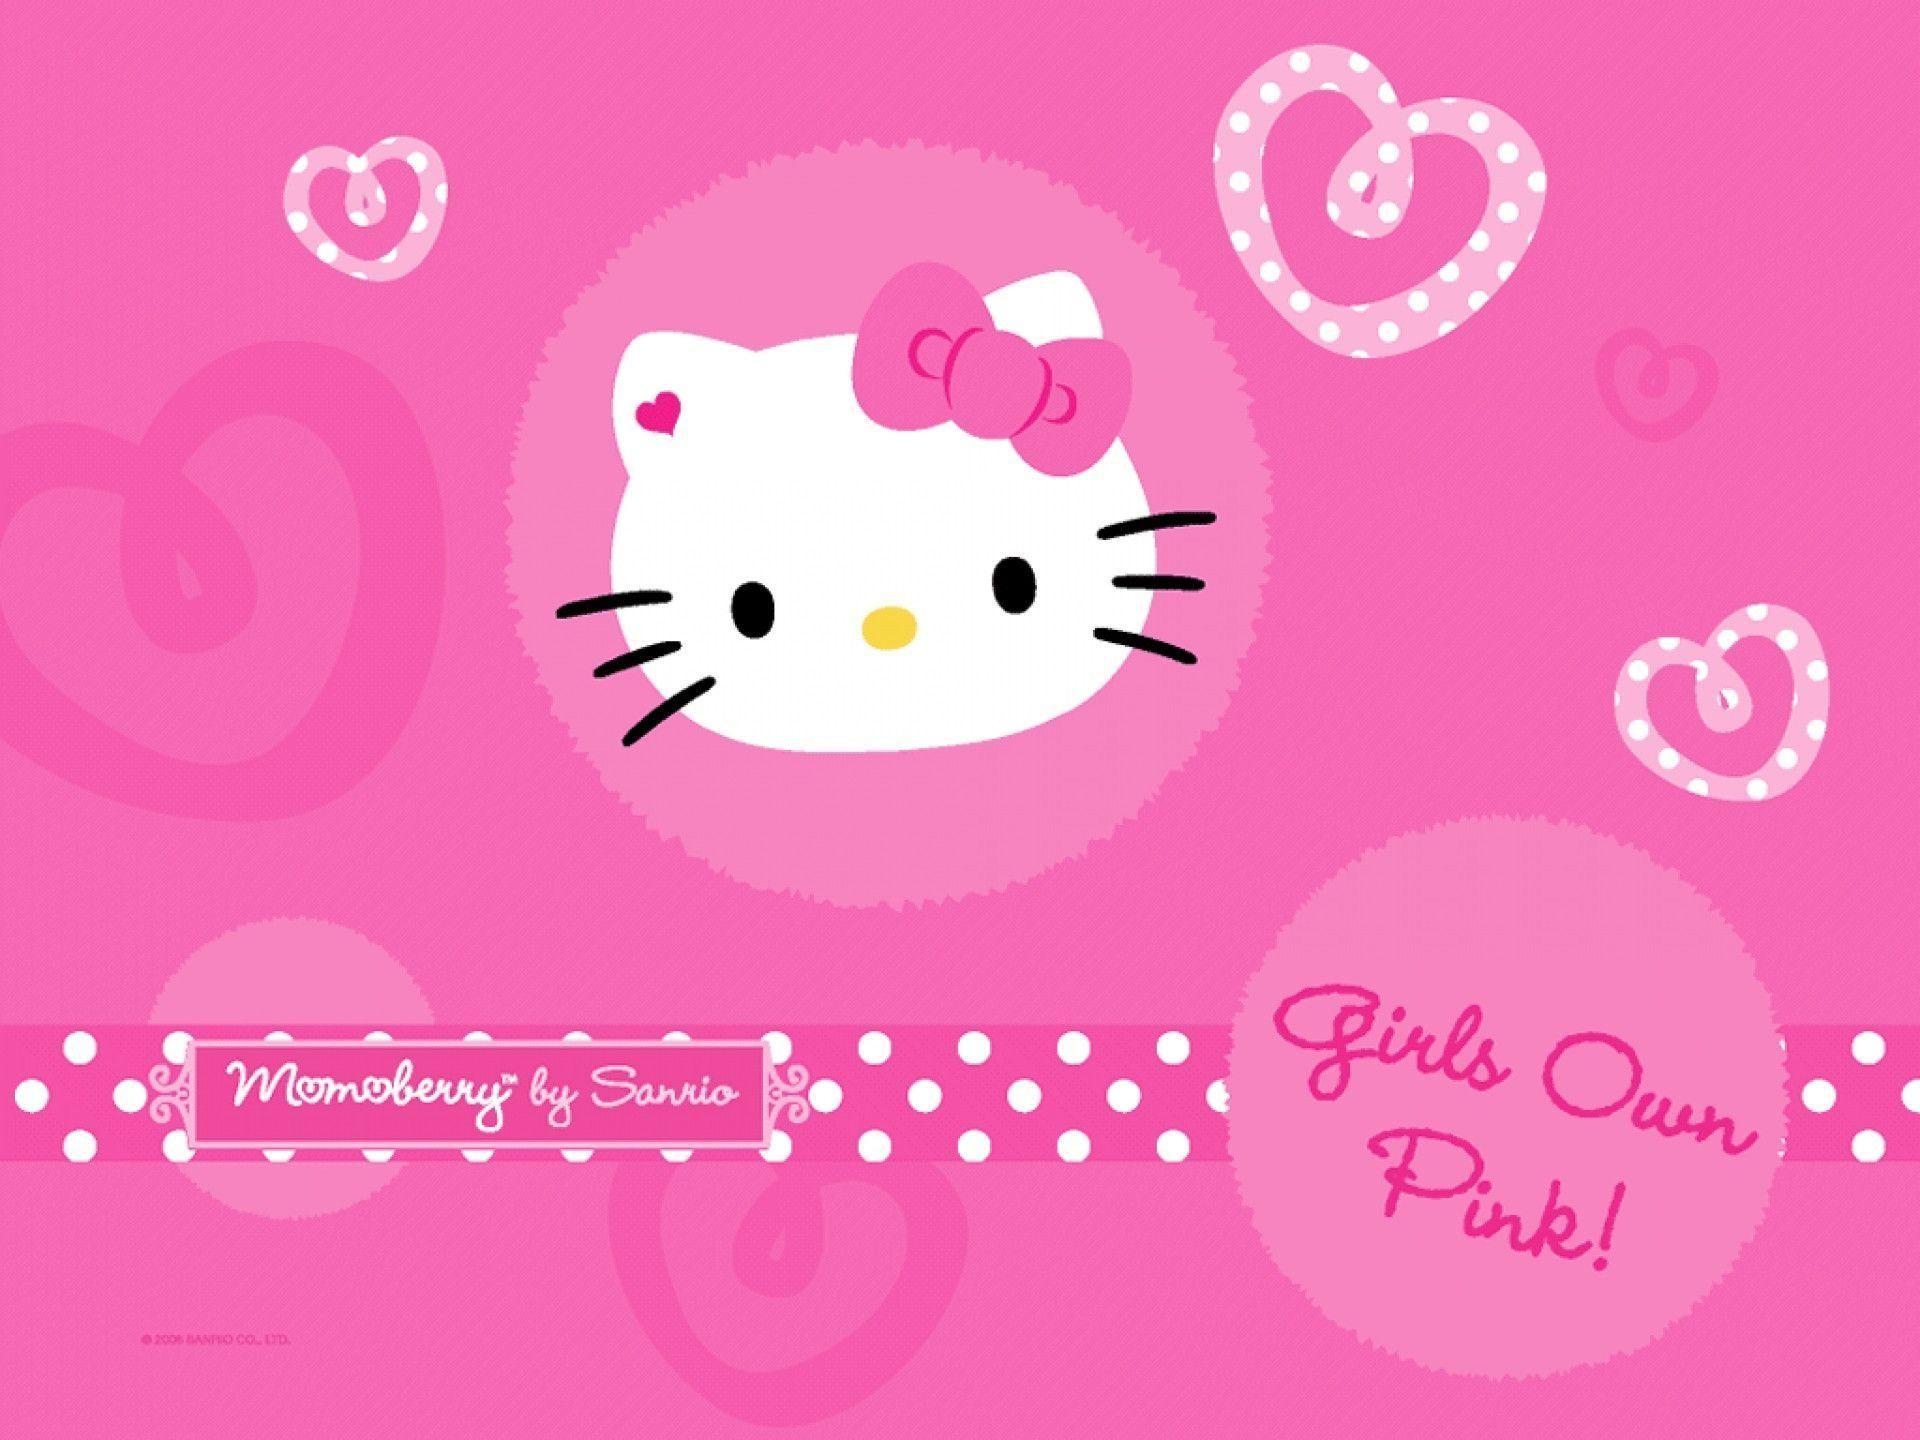 Best Wallpaper Hello Kitty Plain - 987236-new-hello-kitty-backgrounds-for-laptops-1920x1440-desktop  Image_139068.jpg